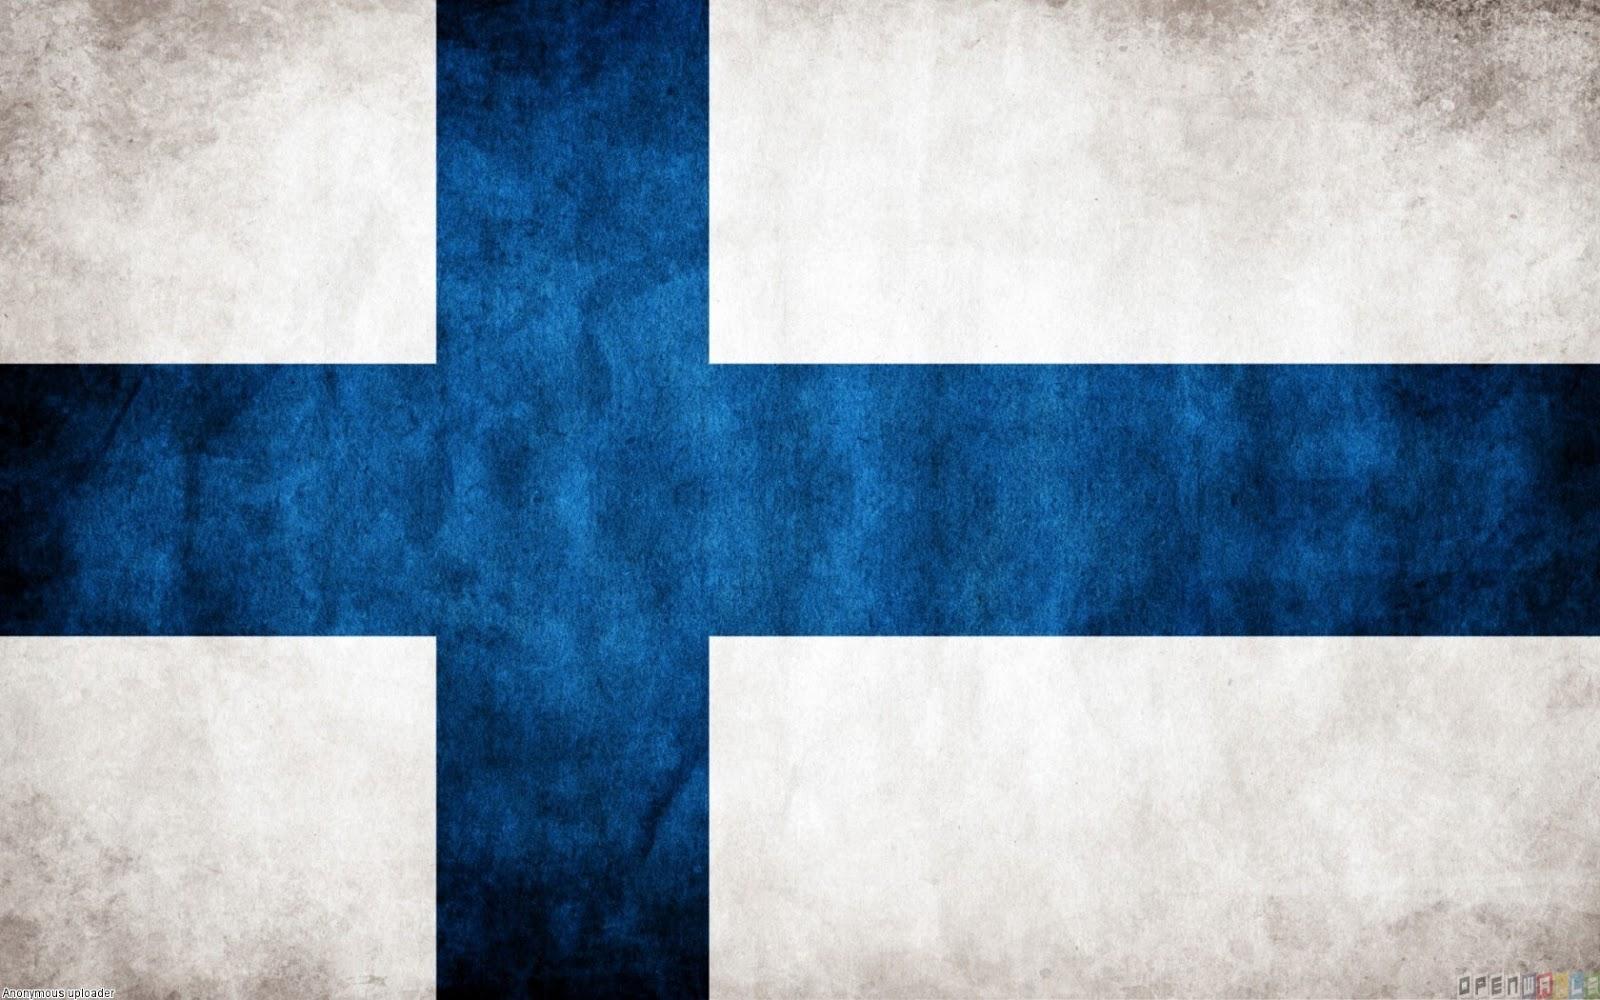 http://3.bp.blogspot.com/-DmXlOlcJaDw/ULfMVd5xXII/AAAAAAAAETk/FHuztHc8wgw/s1600/Flag+of+Finland+flags+wallpaper+(4).jpg